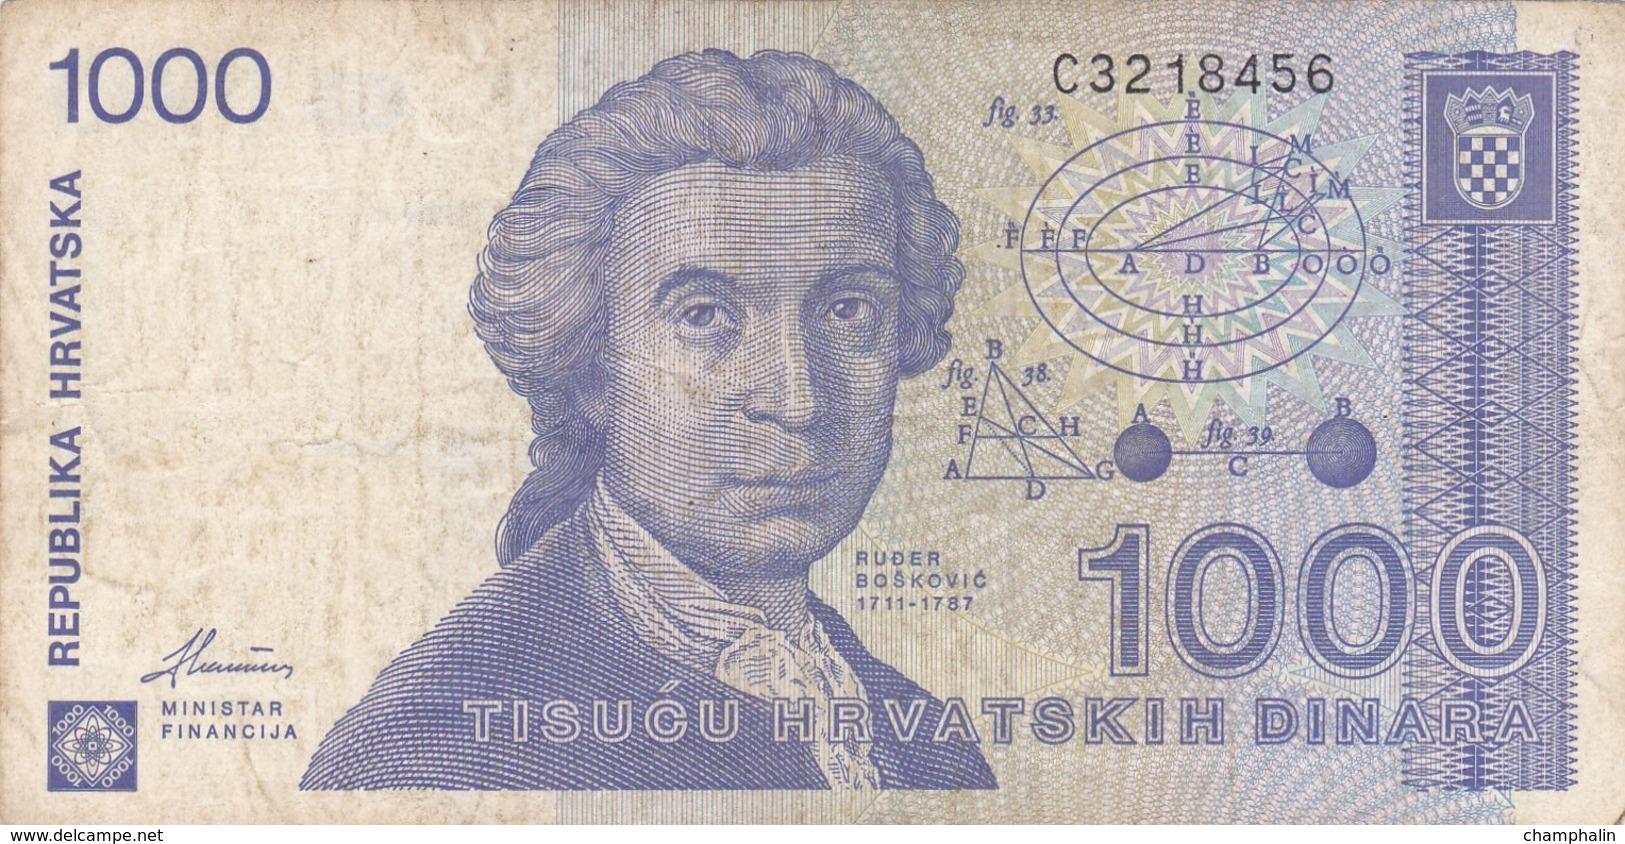 Croatie - Billet De 1000 Dinara - 1991 - Ruder Boskovic - Croatie